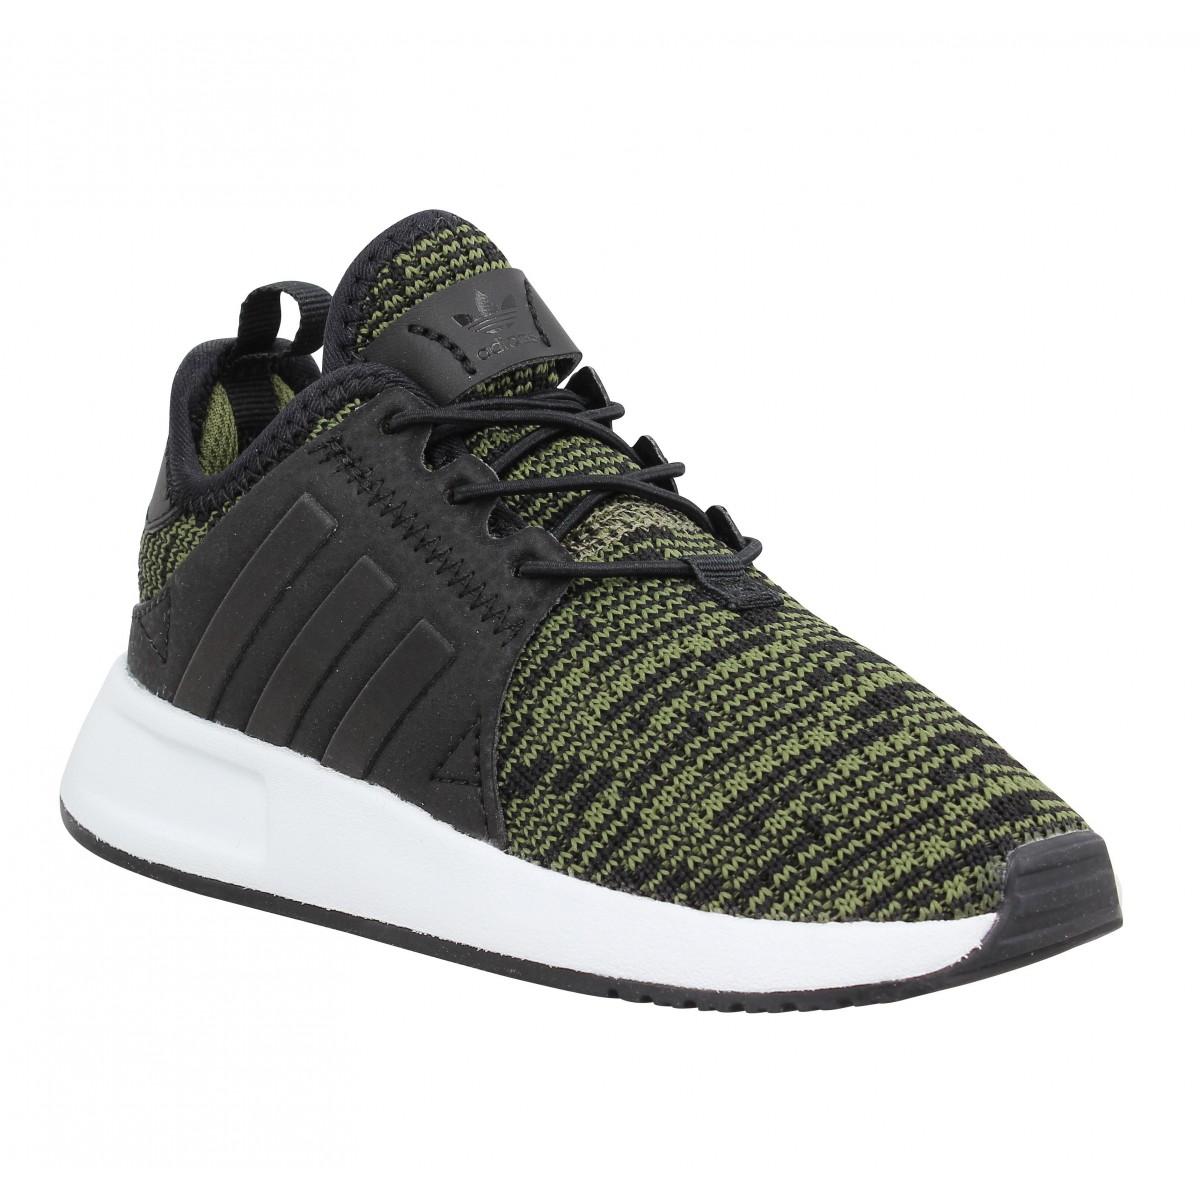 Adidas Enfant X Plr Toile -24-olive